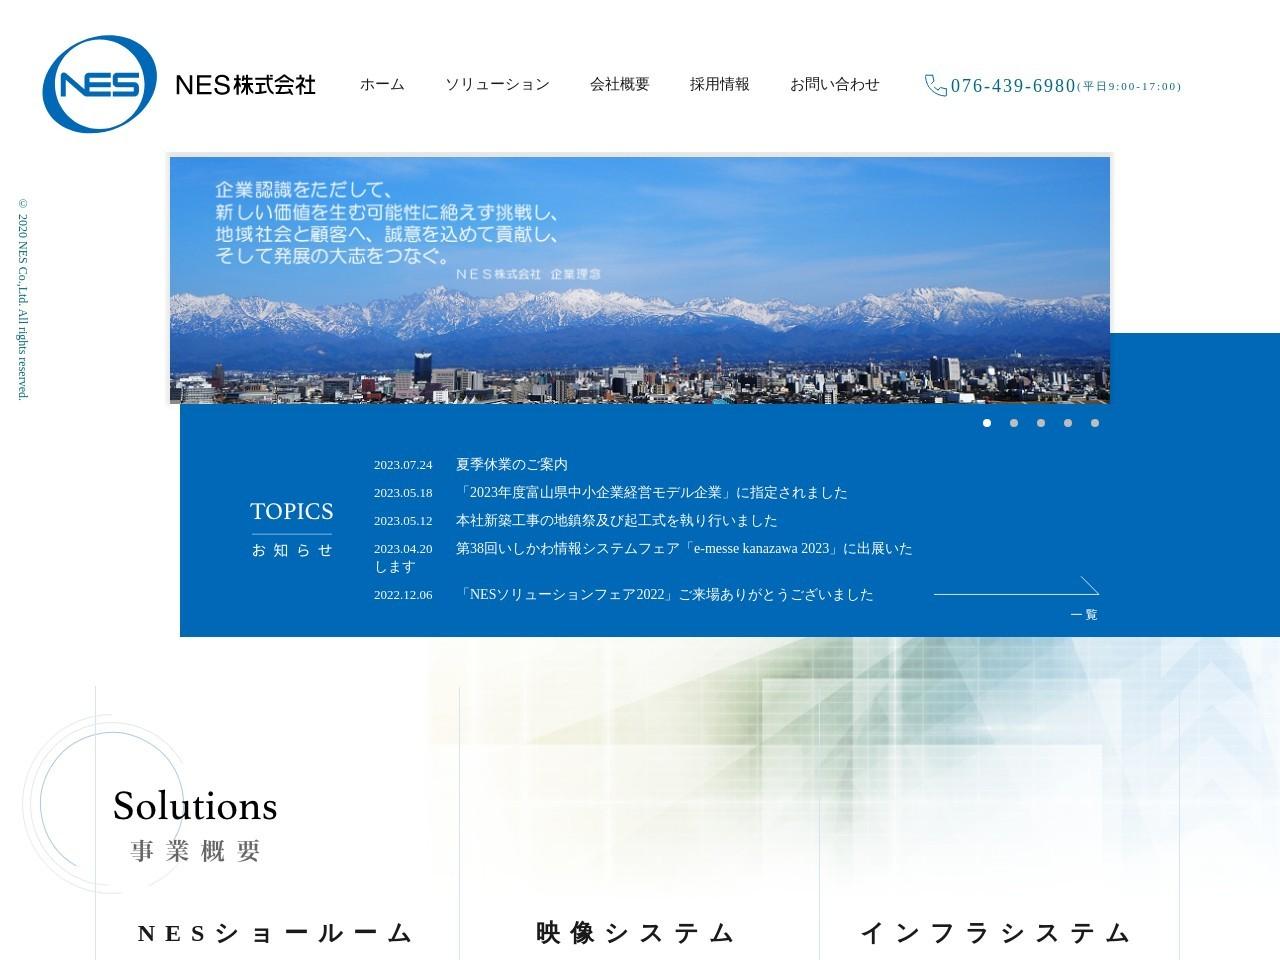 日本エレクトロニクスサービス株式会社営業部